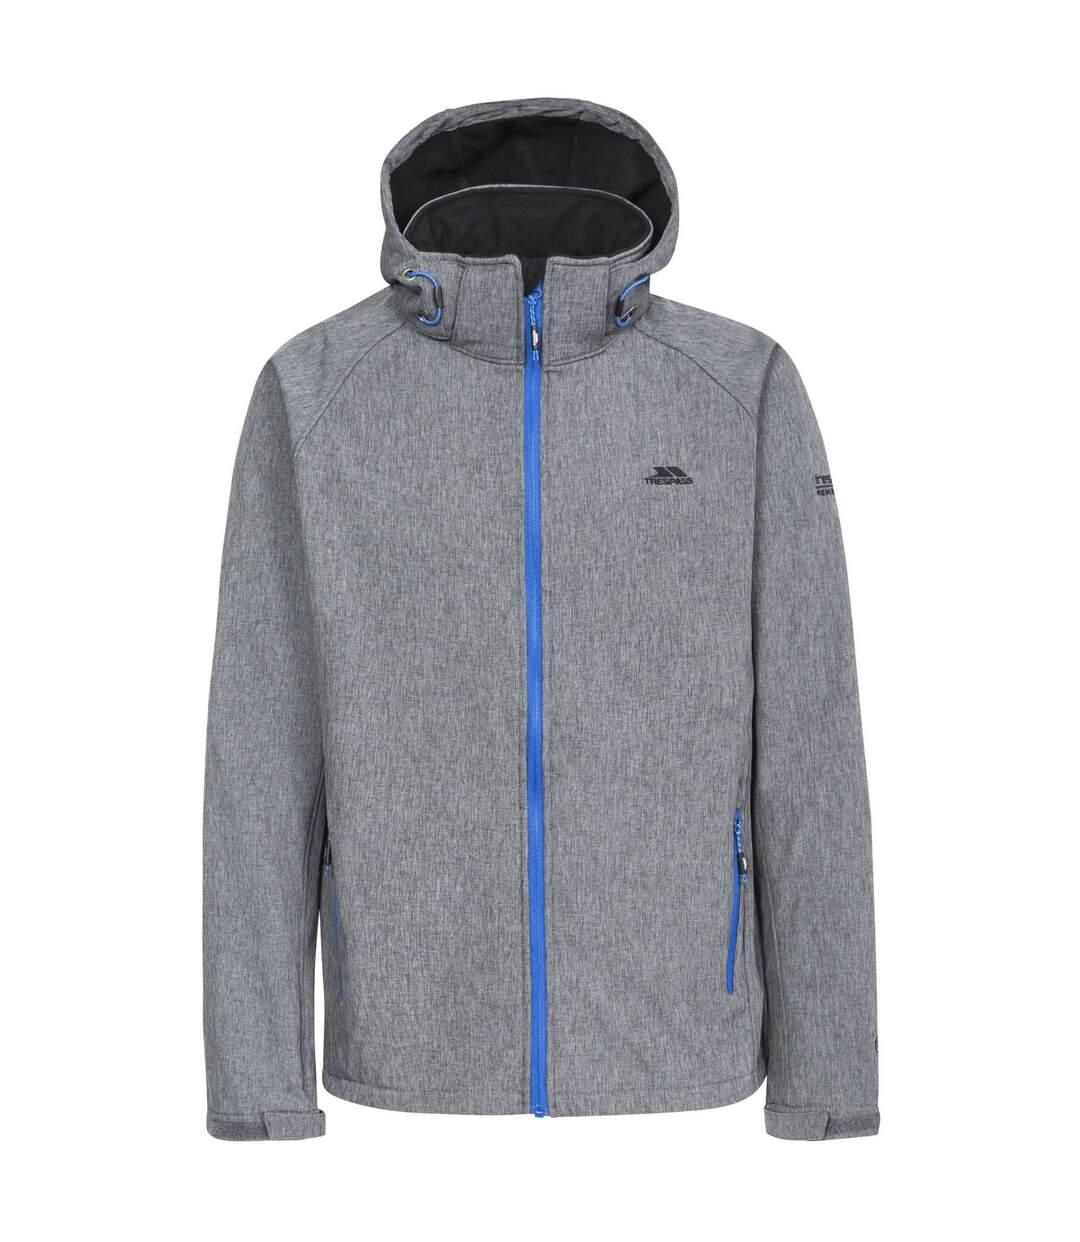 Trespass Mens Rafi Waterproof Softshell Jacket (Dark Grey Marl) - UTTP3572